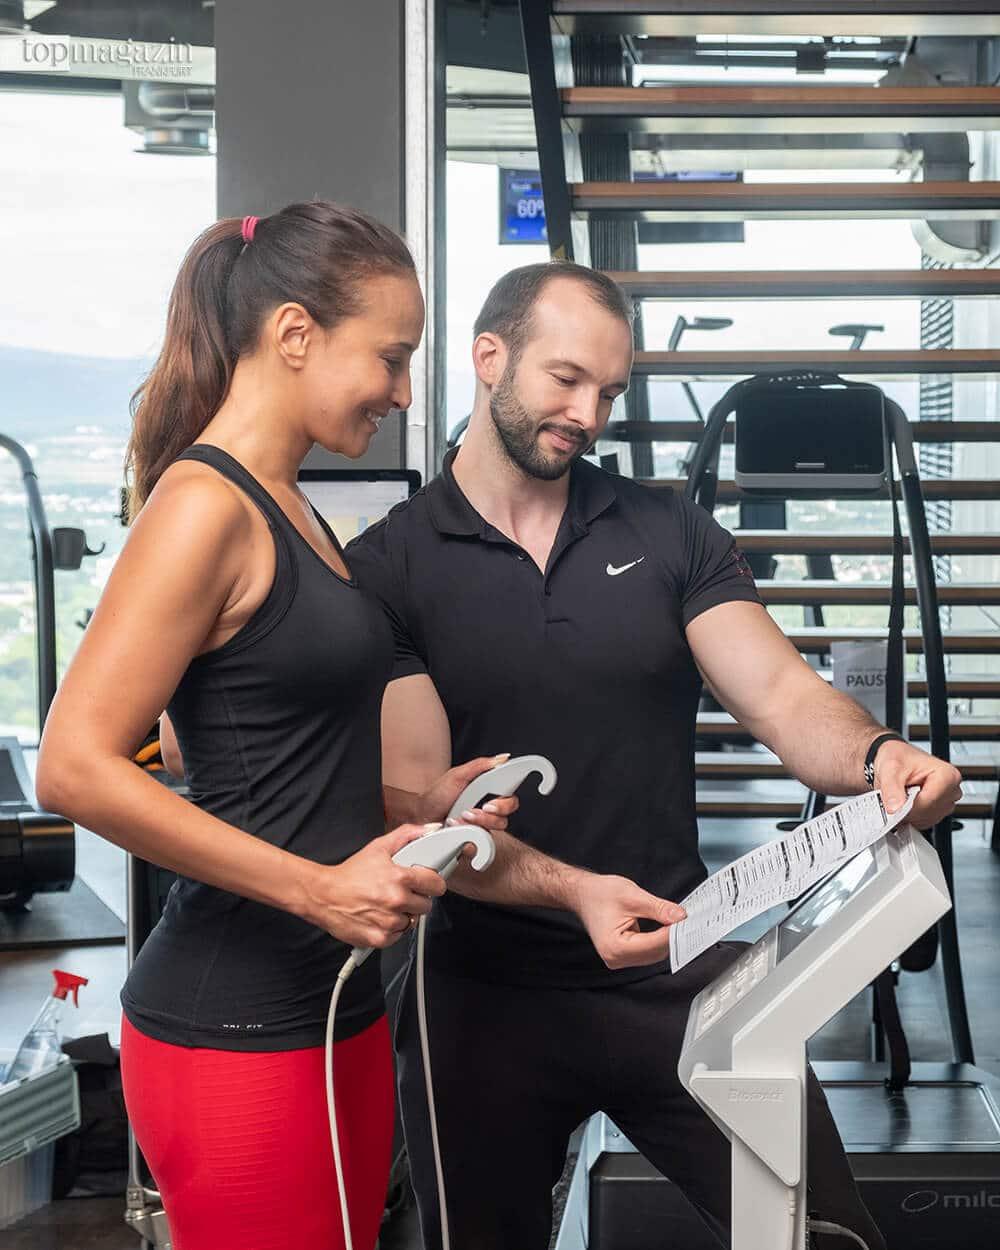 Die InBody-Analyse misst in 30 Sekunden die Zusammensetzung aus Fett, Knochen, Wasser und Muskeln präzise in den einzelnen Körperteilen und erkennt so mögliche Dysbalancen im Körper.